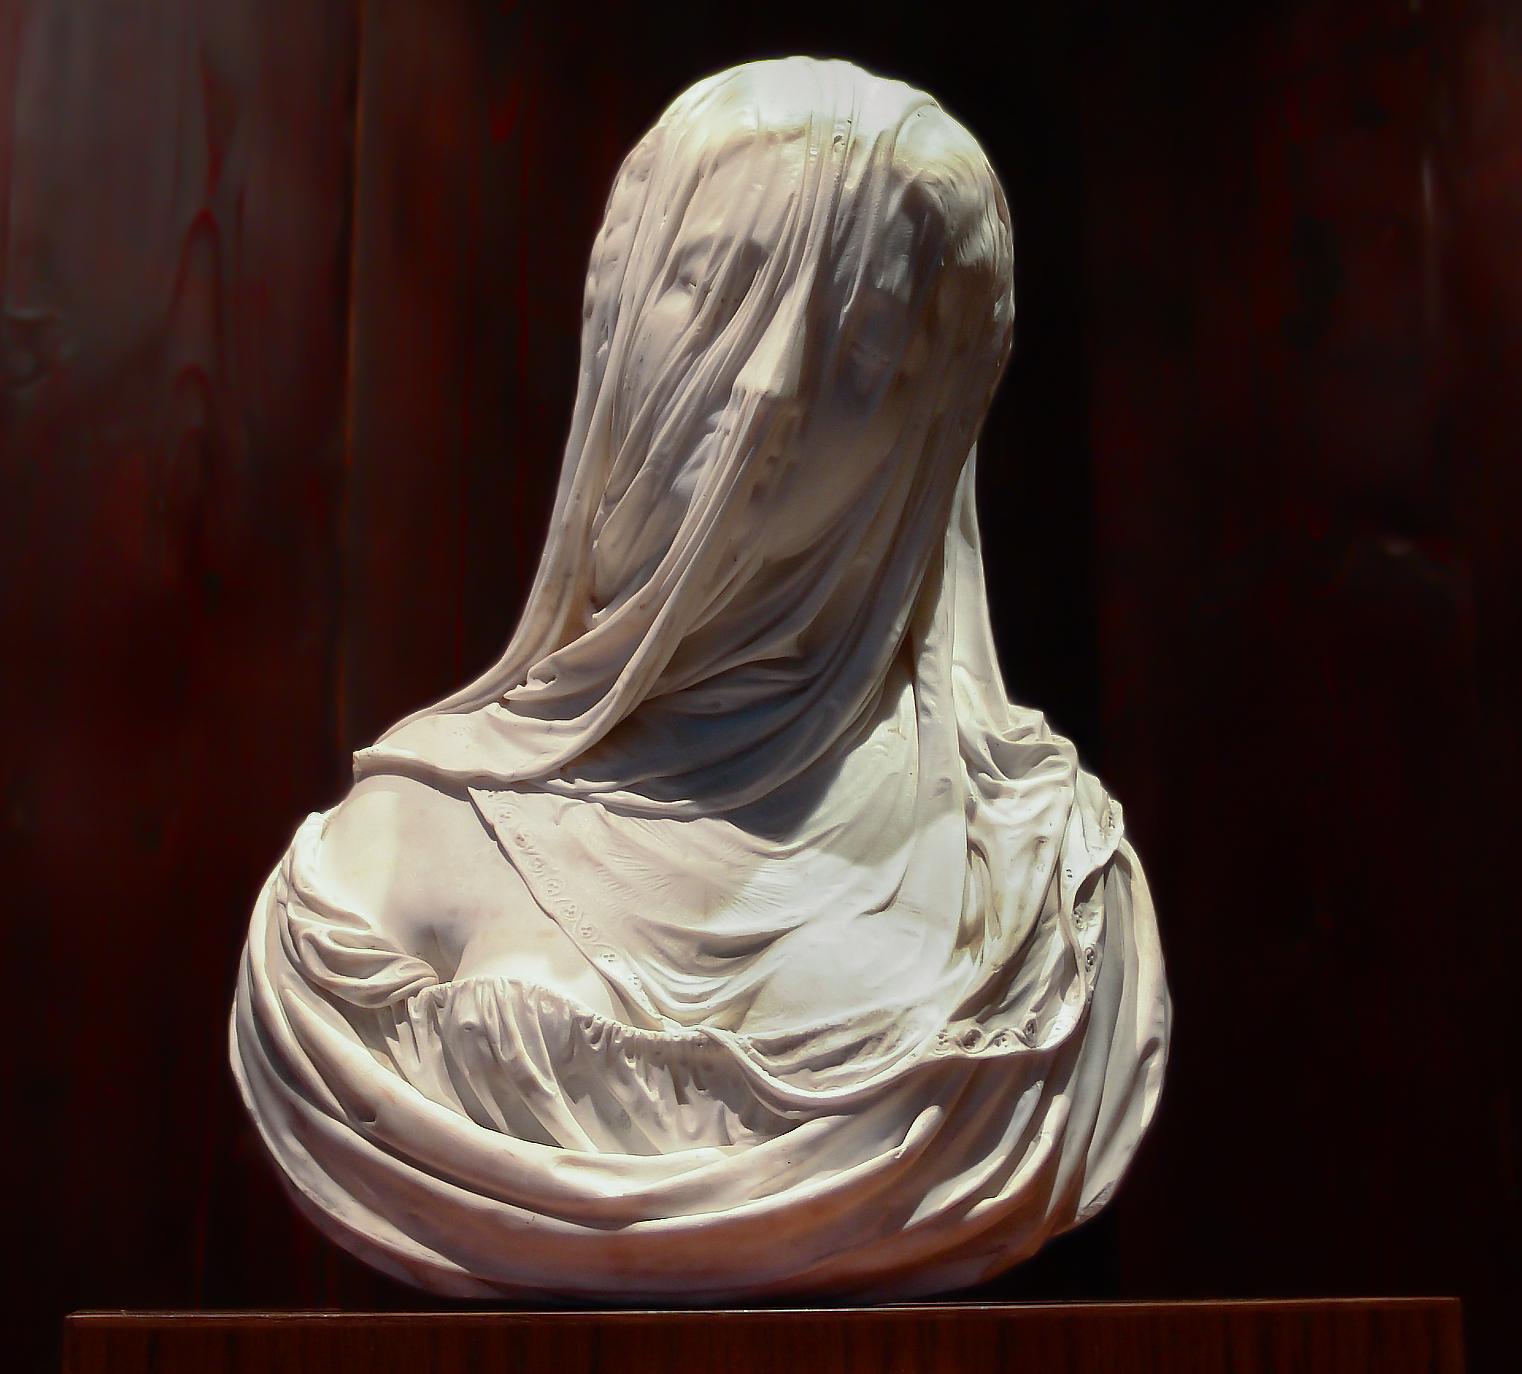 Antonio_Corradini_-_Dama_Velata_(Puritas)_-_Museo_del_Settecento_Veneziano_-_Ca'_Rezzonico,_Venice.jpg